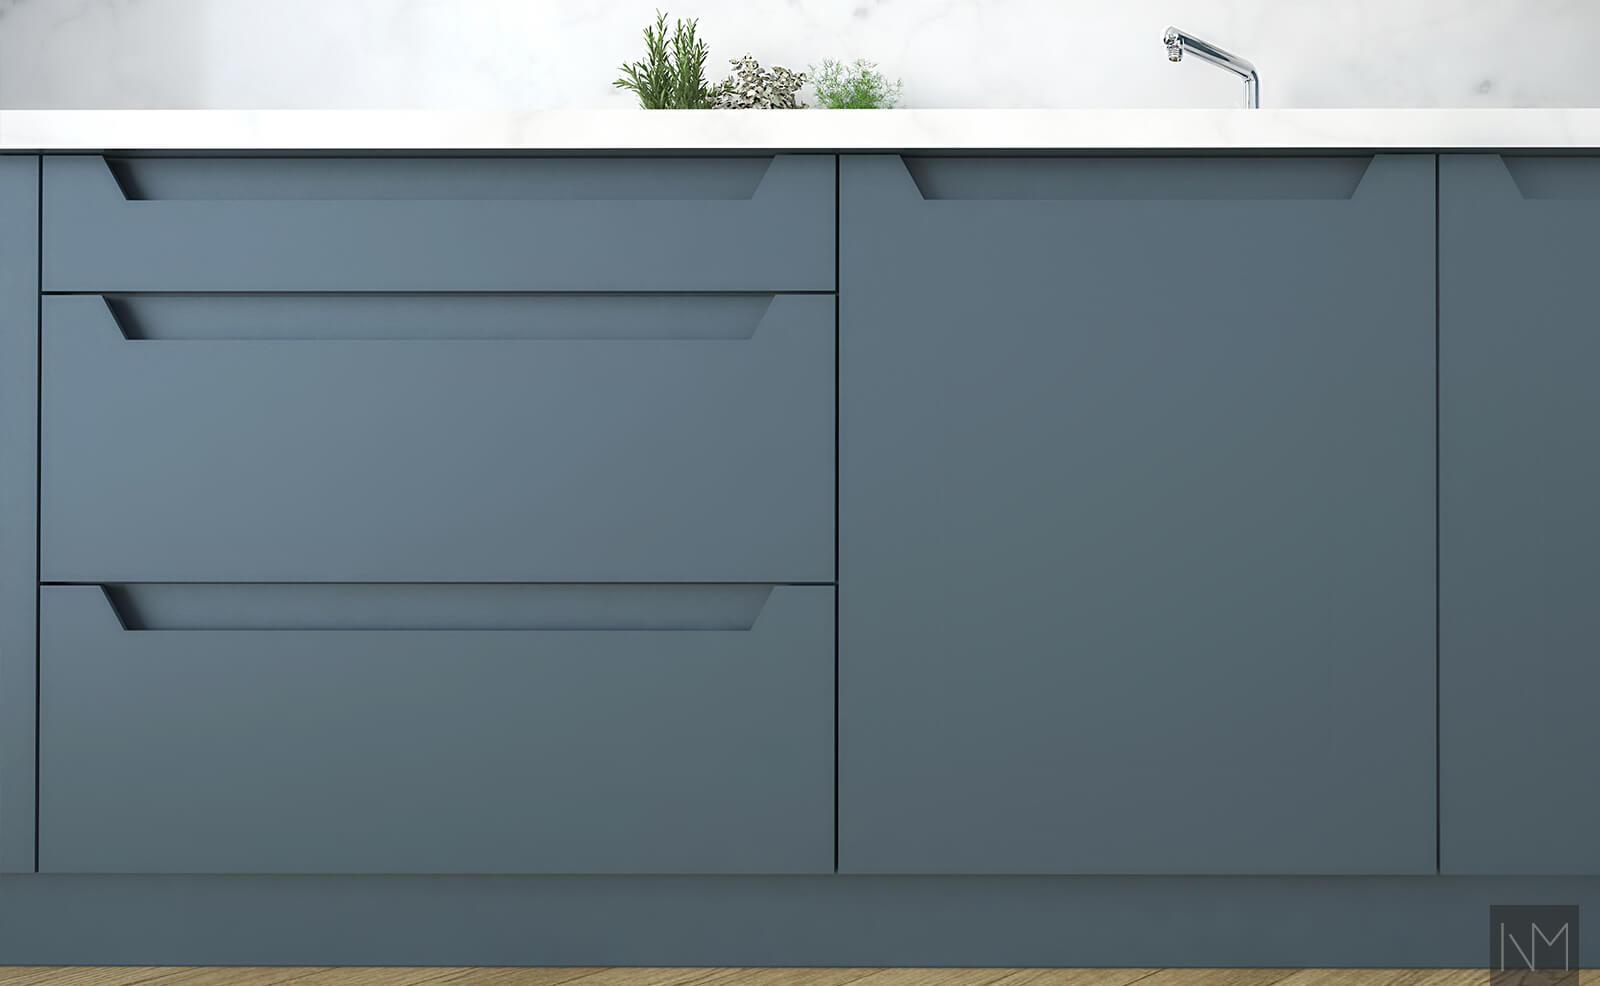 ELEGANCE - INDUSTRIAL BLUE 5455 - S 0500-N